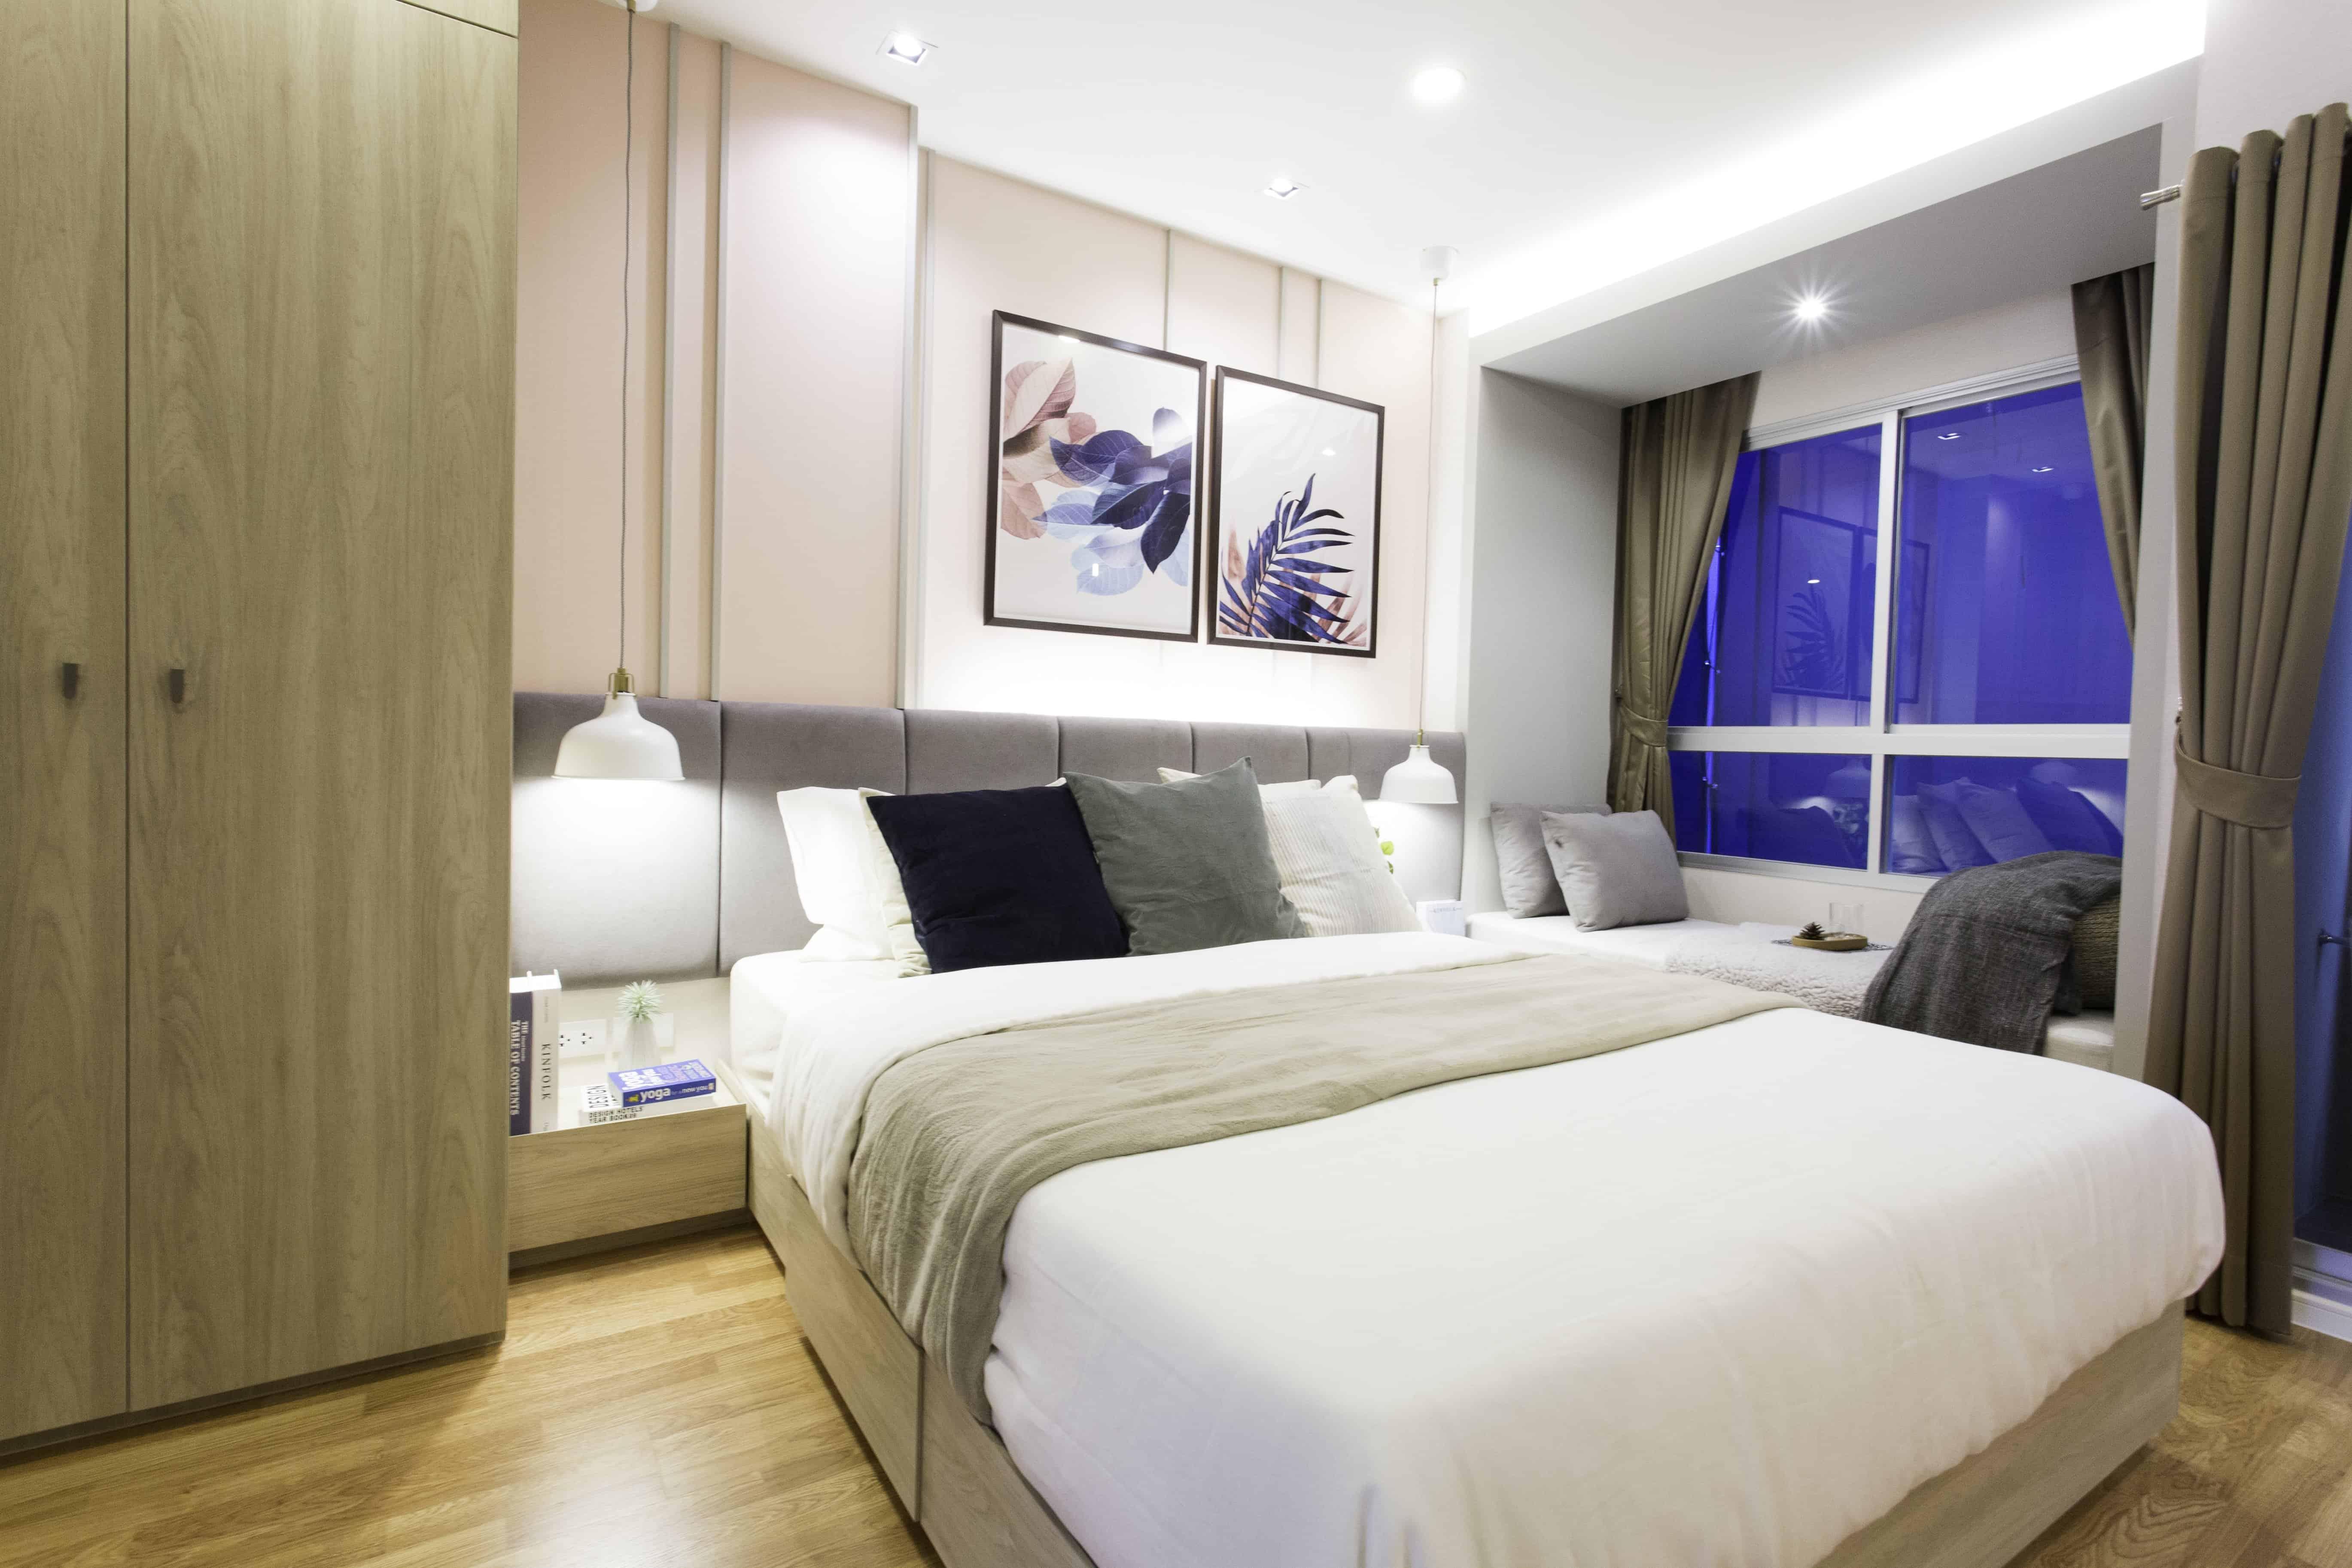 จัดห้องนอนอย่างไร ให้หลับฝันดี ไม่มีฝันร้าย?